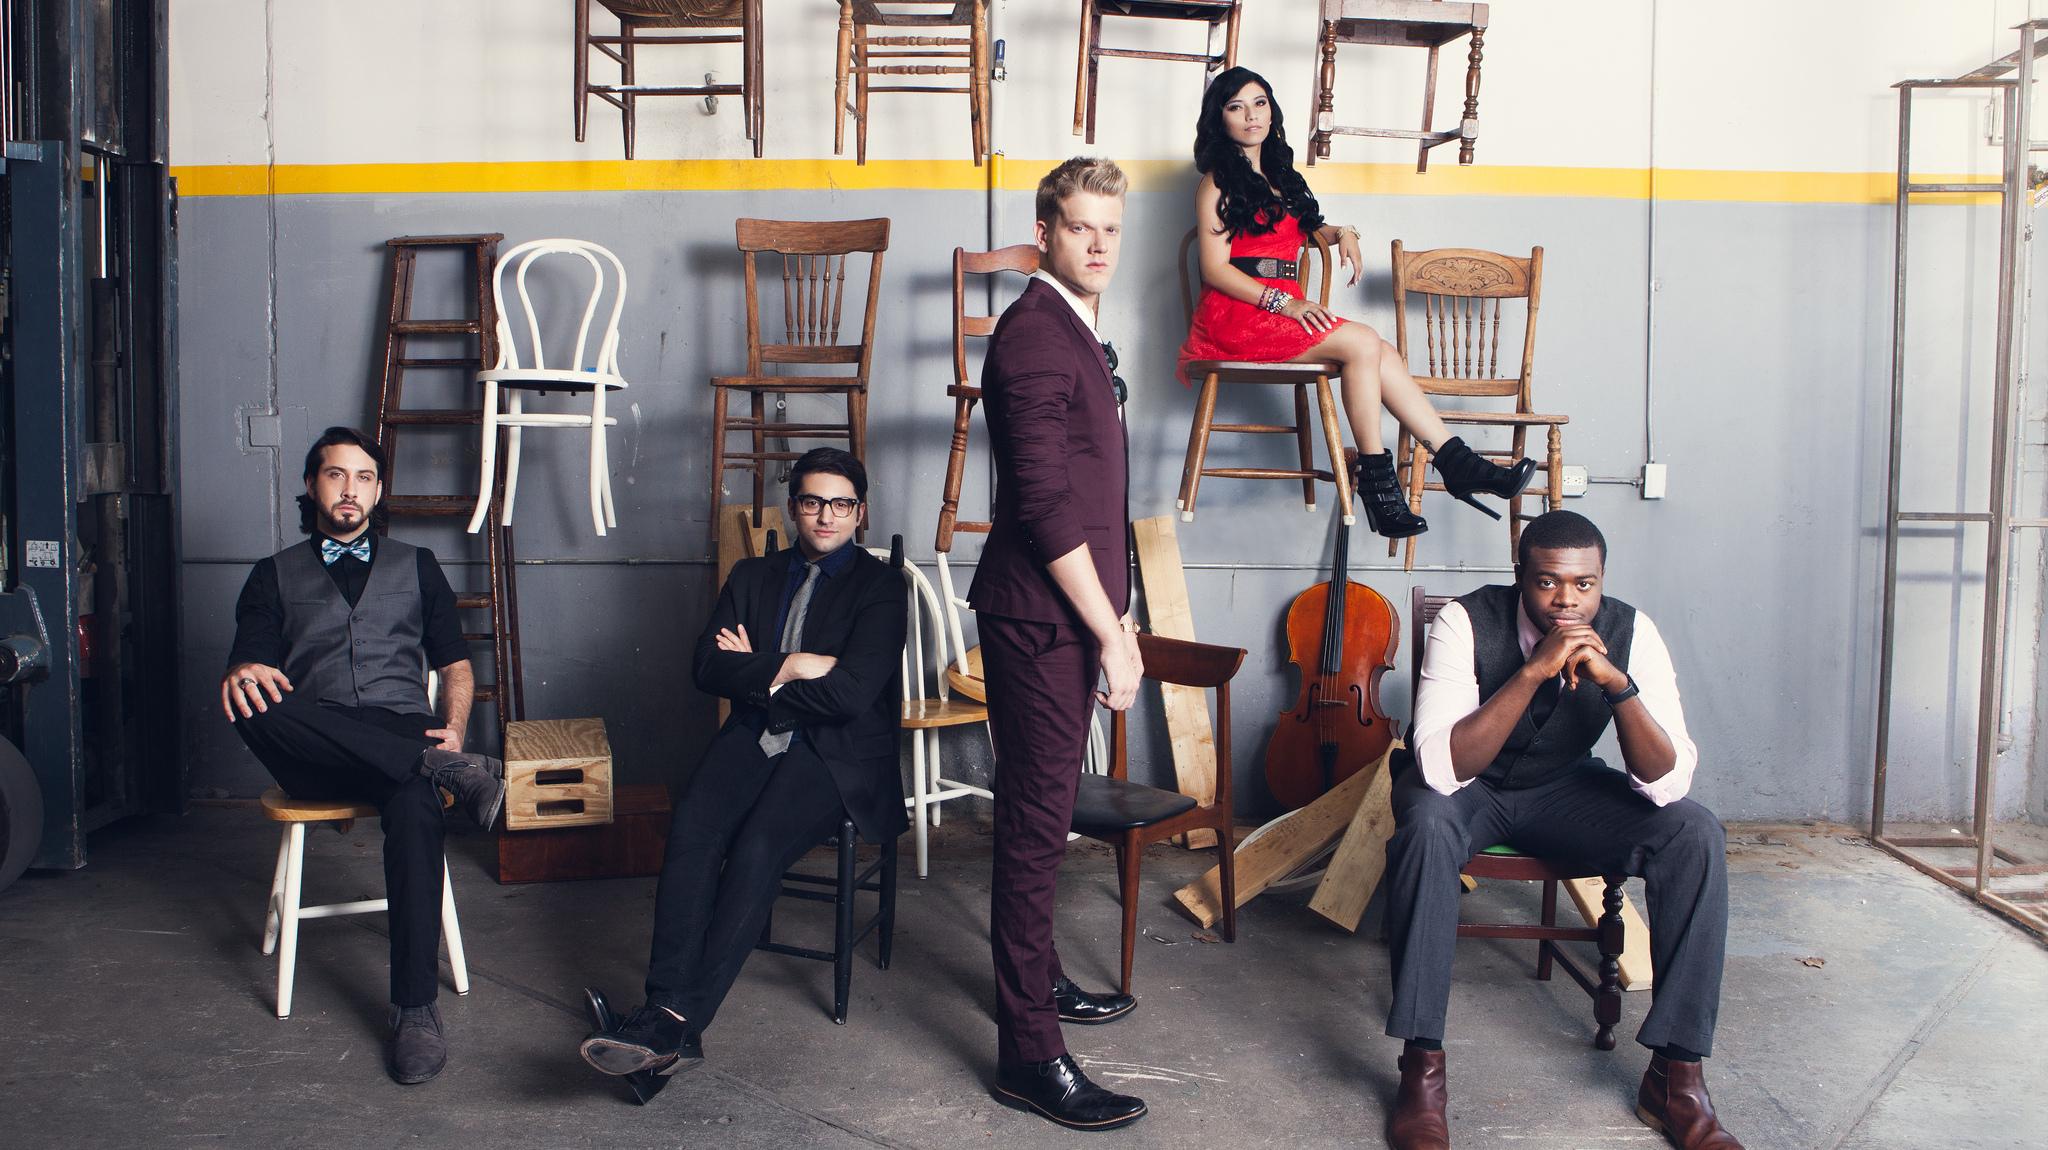 Andrea Echeverri: No Instruments? For Pentatonix, It's No Problem : NPR